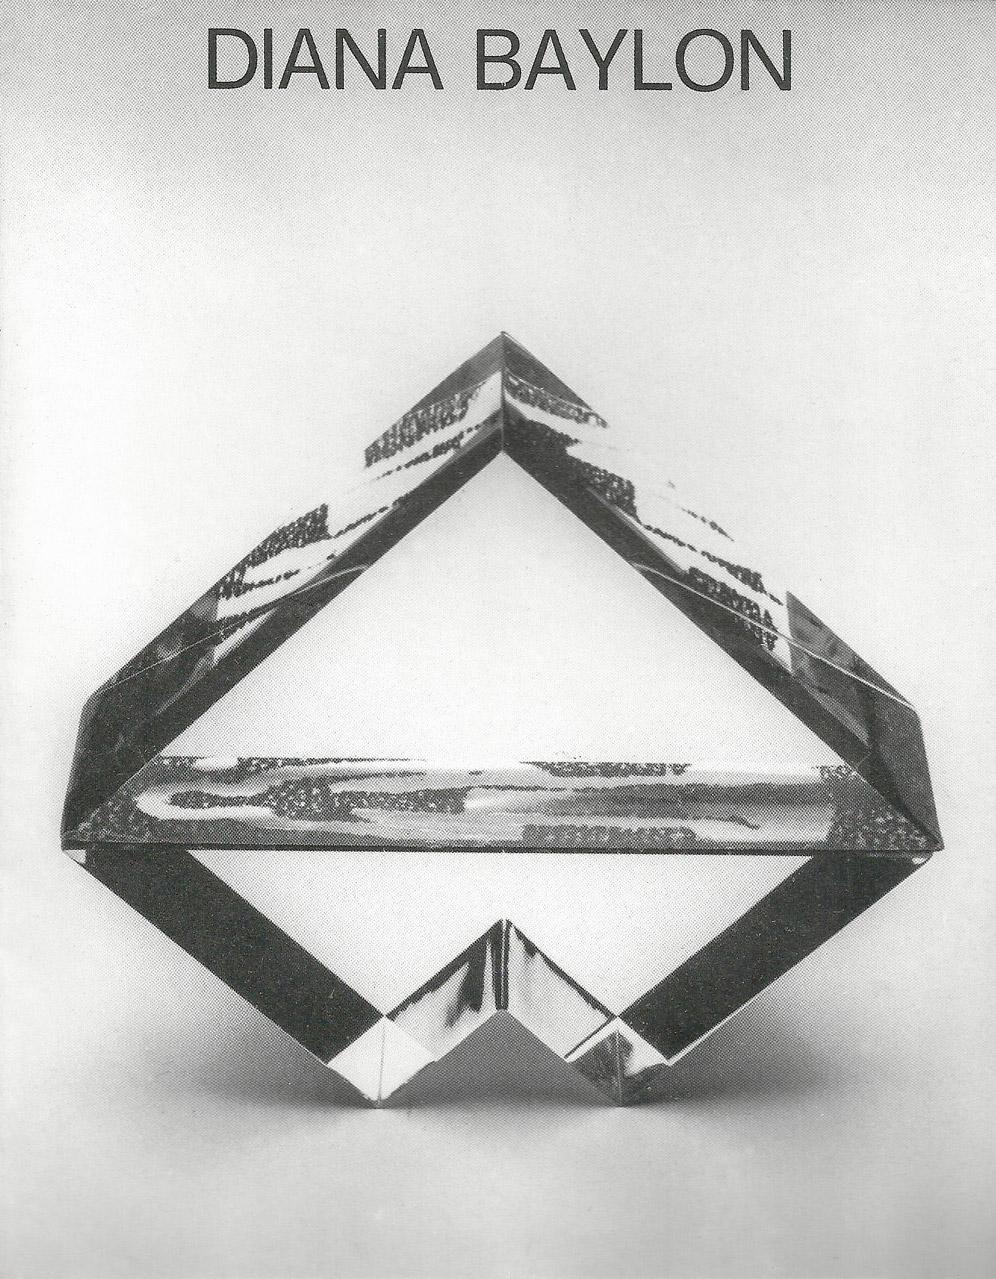 Diana Baylon: dell'assoluto sensibile  Expo Arte Bari, 1982 a cura di Giuliano Serafini